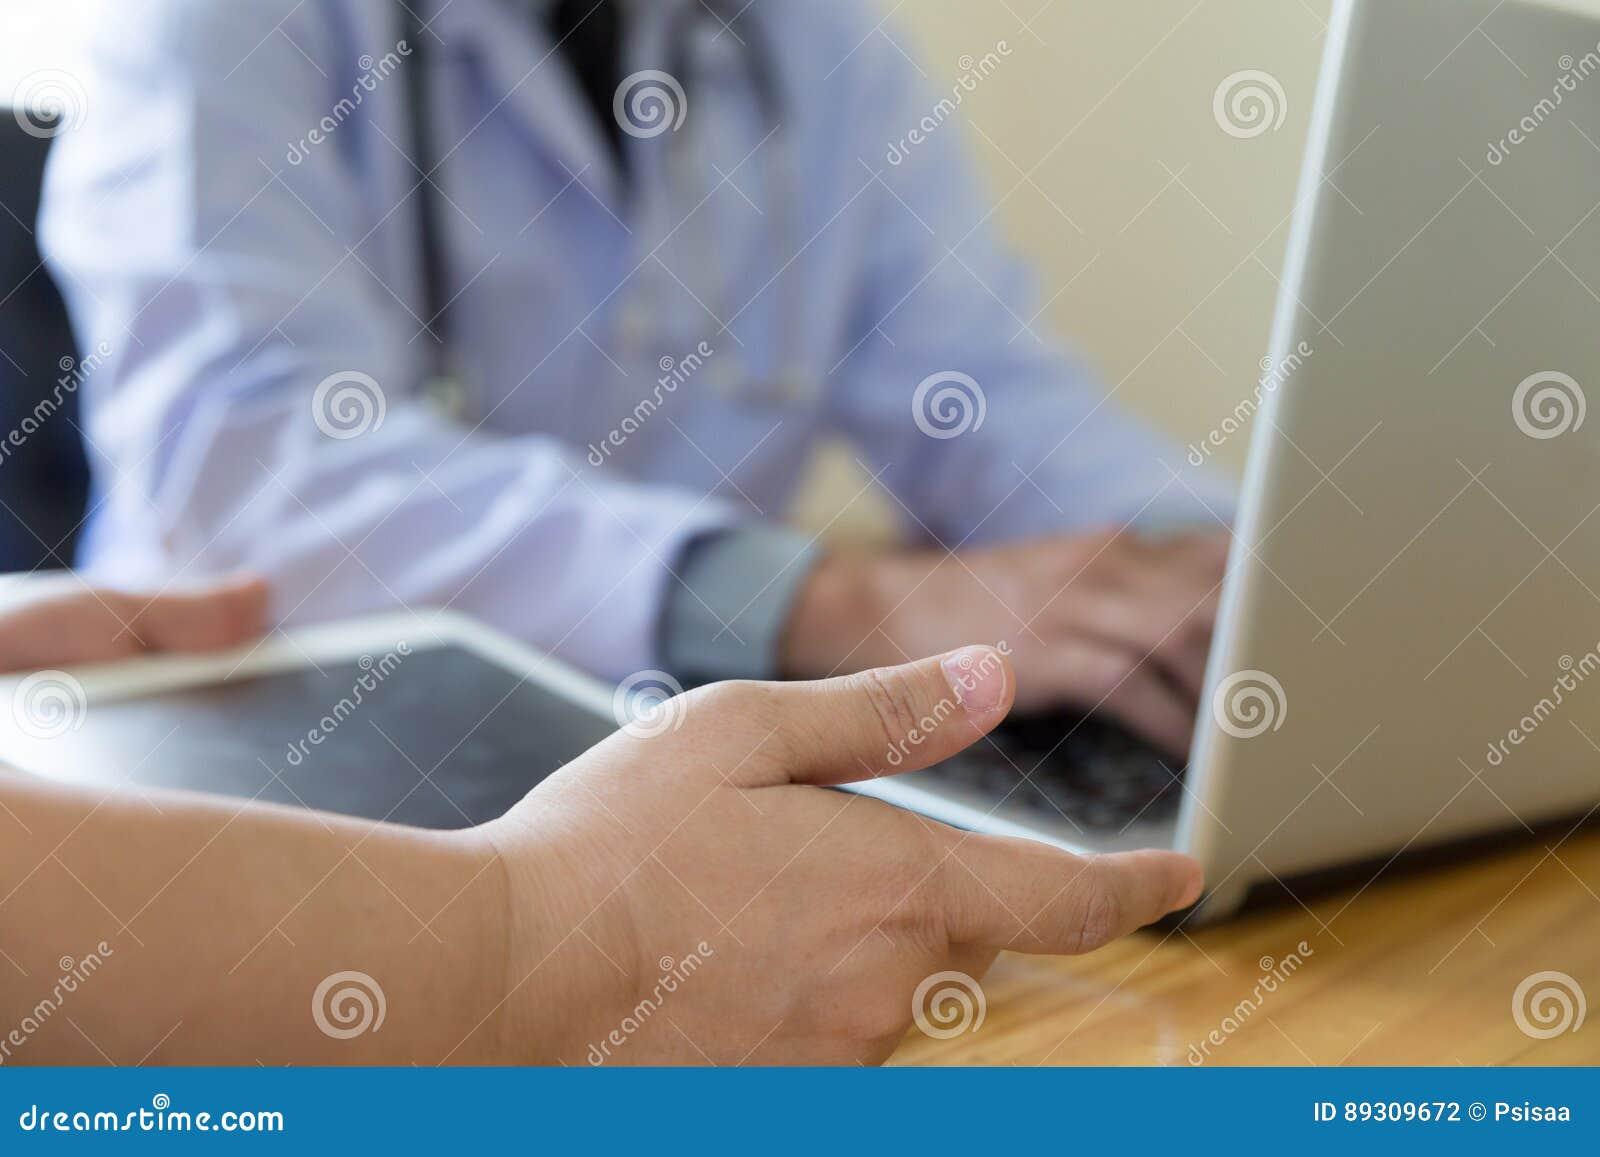 Cuide la mano que trabaja con el comput digital moderno de la tableta y del ordenador portátil